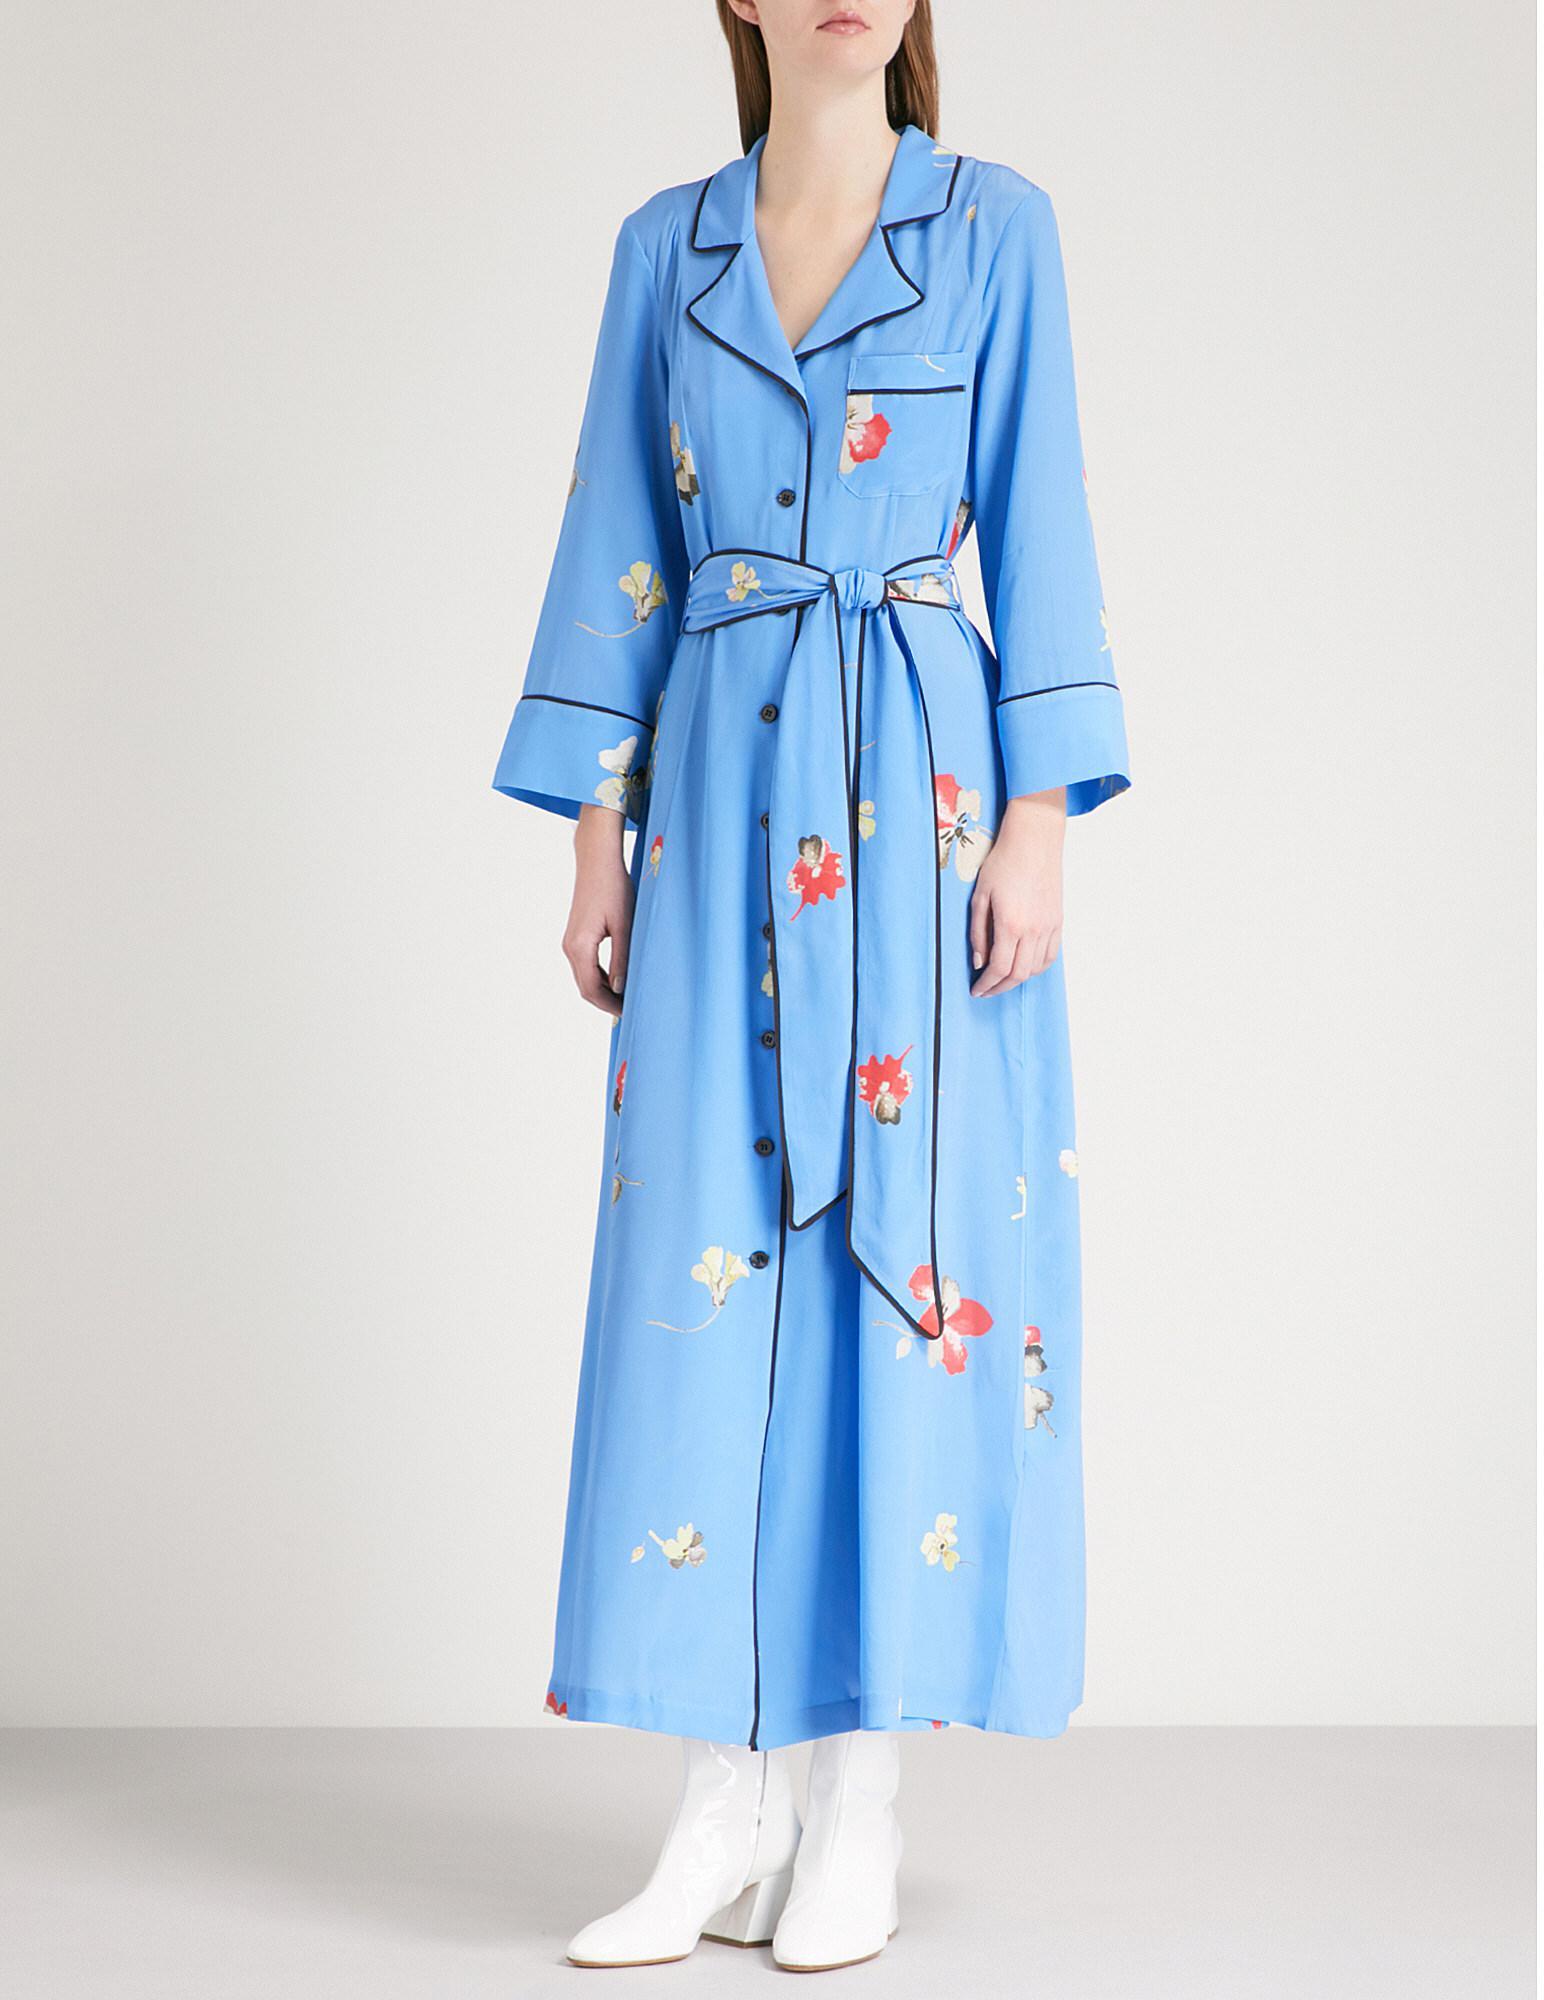 69690444 Ganni Joycedale Floral-print Silk Dress in Blue - Lyst